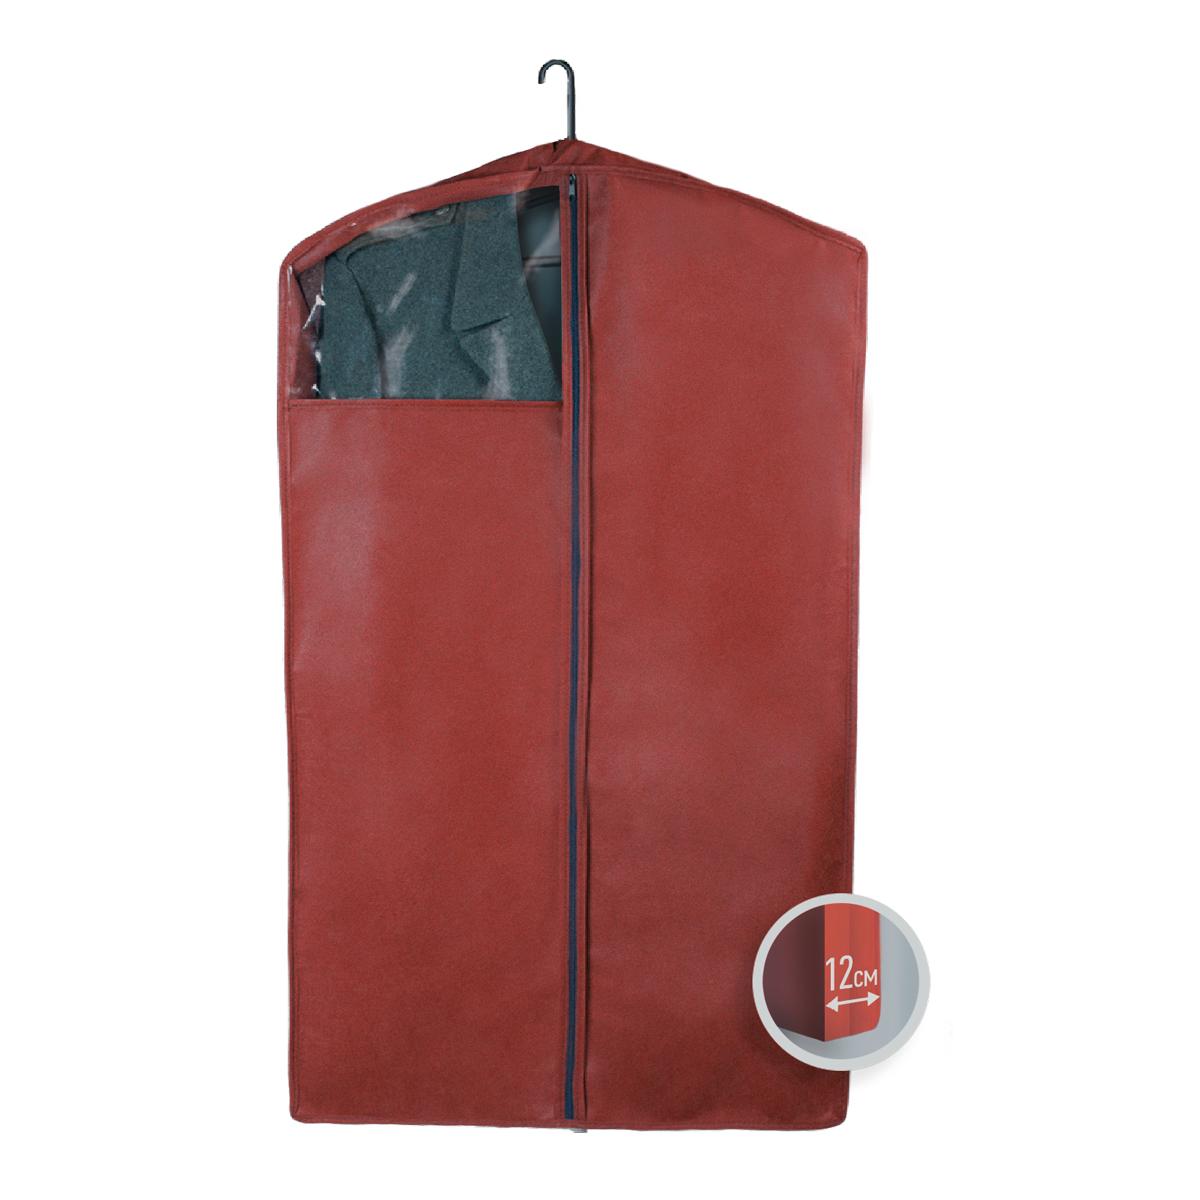 Чехол для верхней одежды Miolla, с окошком, цвет: бордовый, 100 х 60 х 12 см41619Чехол для верхней одежды Miolla на застежке-молнии выполнен из высококачественного нетканого материала. Прозрачное полиэтиленовое окошко позволяет видеть содержимое чехла. Подходит для длительного хранения вещей.Чехол обеспечивает вашей одежде надежную защиту от влажности, повреждений и грязи при транспортировке, от запыления при хранении и проникновения моли. Чехол обладает водоотталкивающими свойствами, а также позволяет воздуху свободно поступать внутрь вещей, обеспечивая их кондиционирование. Это особенно важно при хранении кожаных и меховых изделий.Размер чехла: 100 х 60 х 12 см.